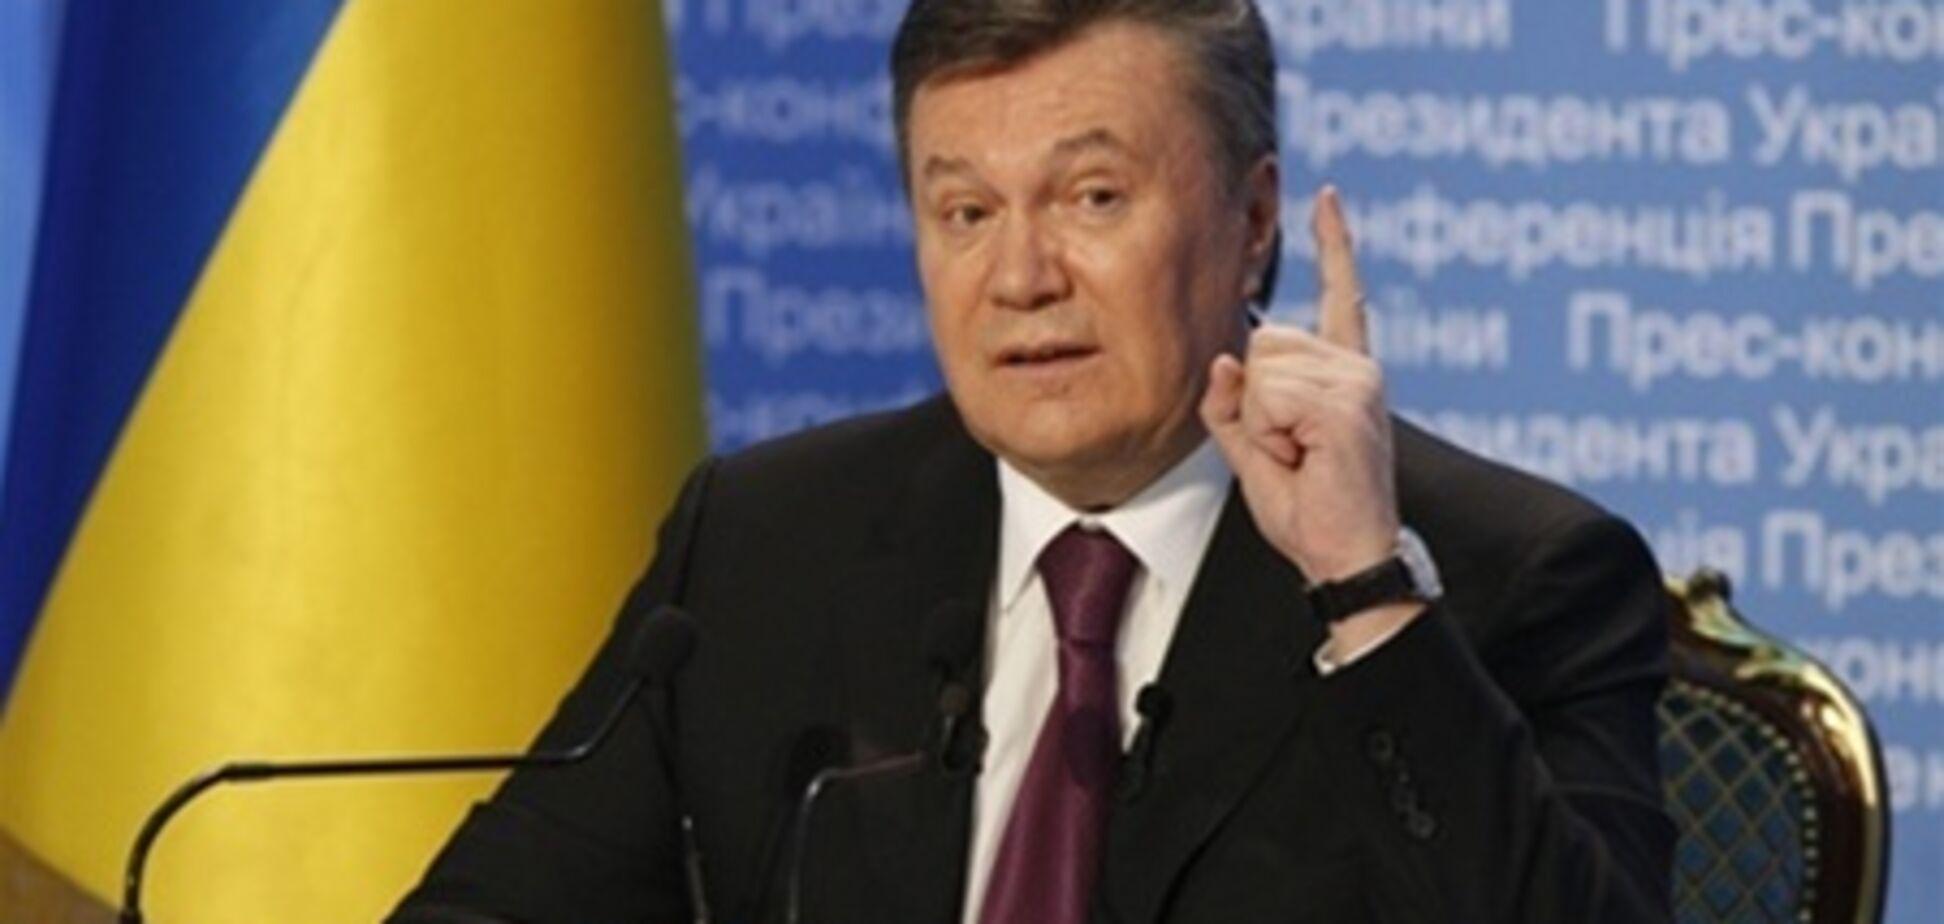 Янукович считает книгу неоценимой инвестицией